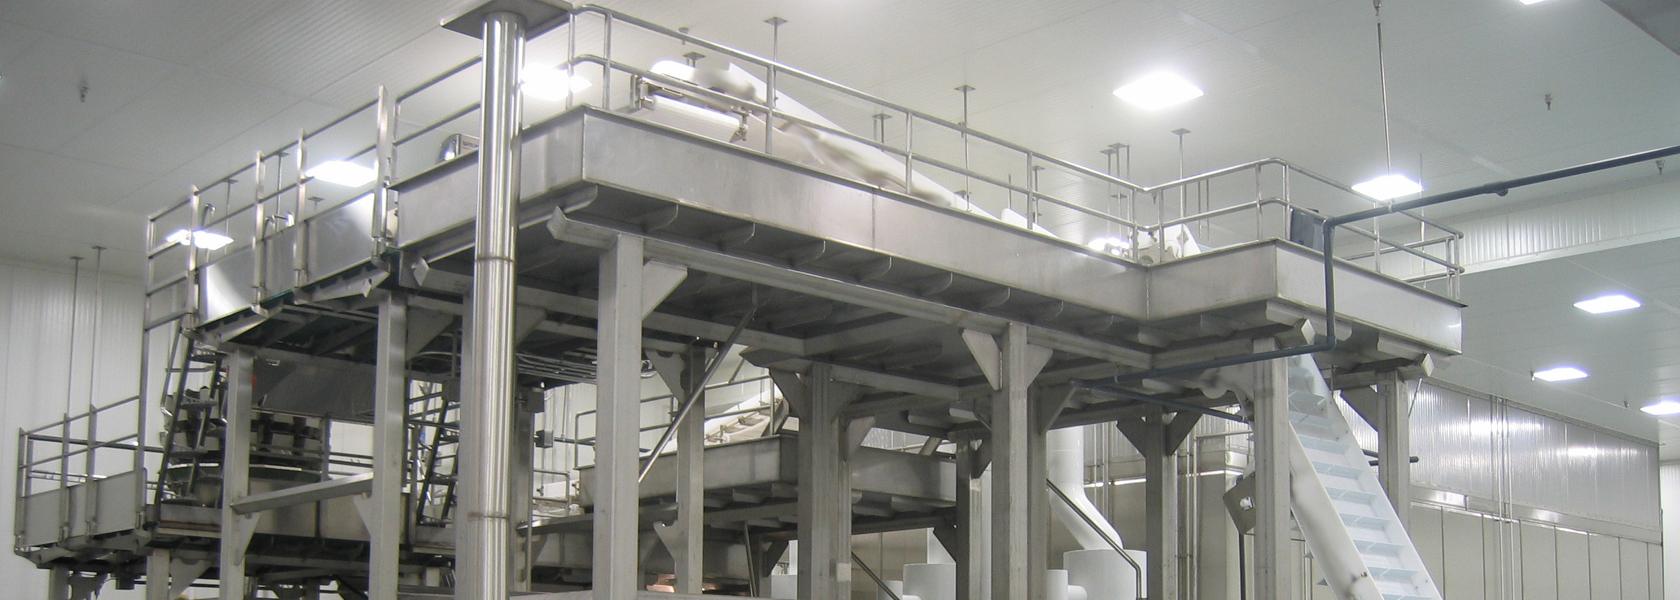 PH-Header-AMI Sanitary Platform-001.jpg